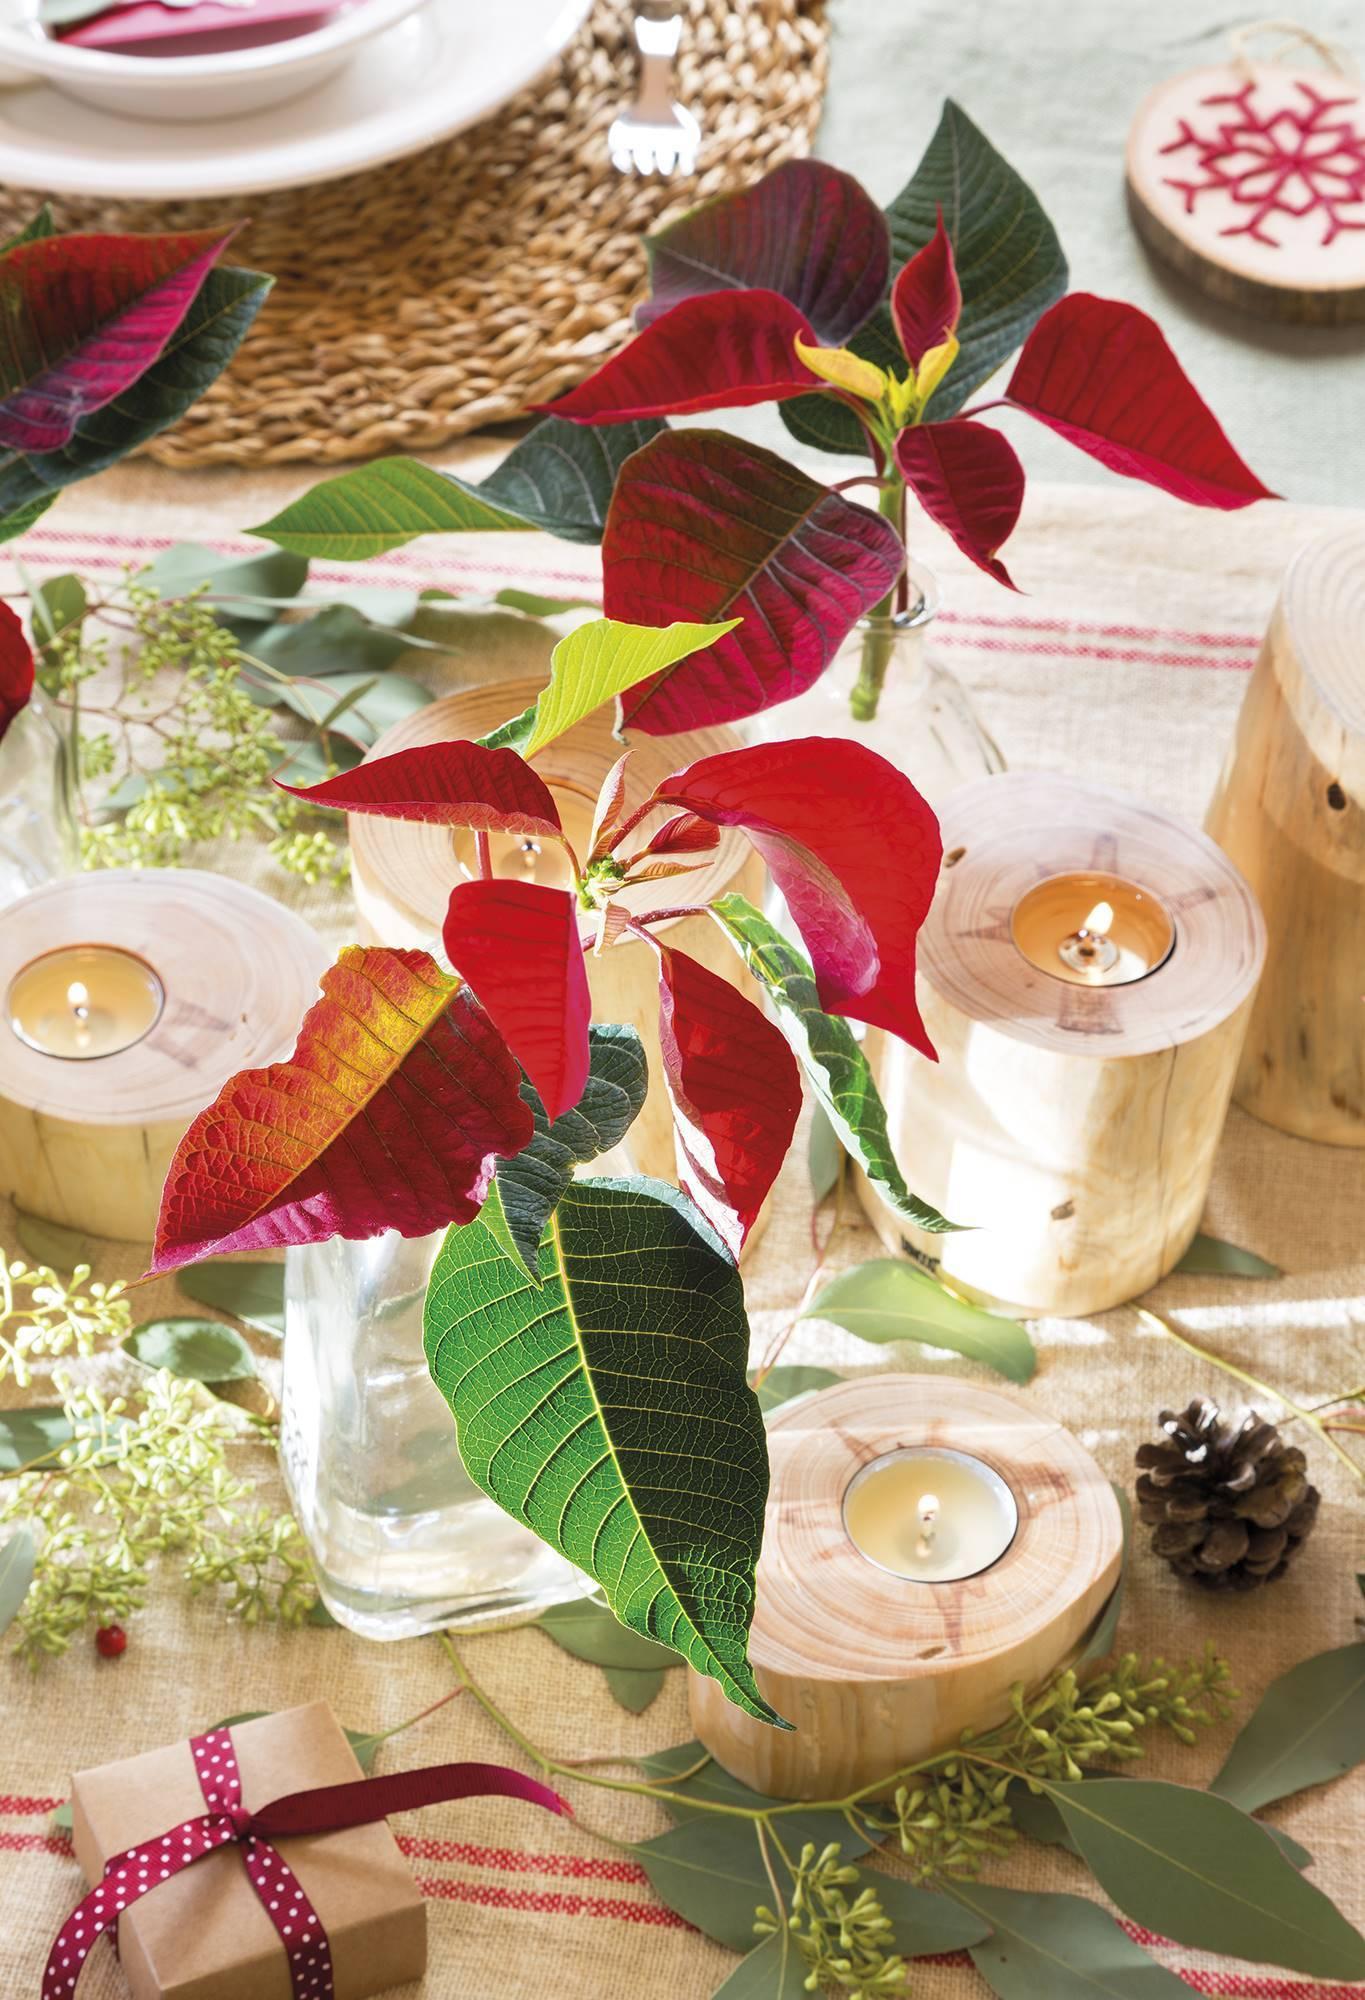 Căn nhà bừng sáng lung linh mùa Giáng sinh nhờ khéo mix đồ trang trí - Ảnh 10.